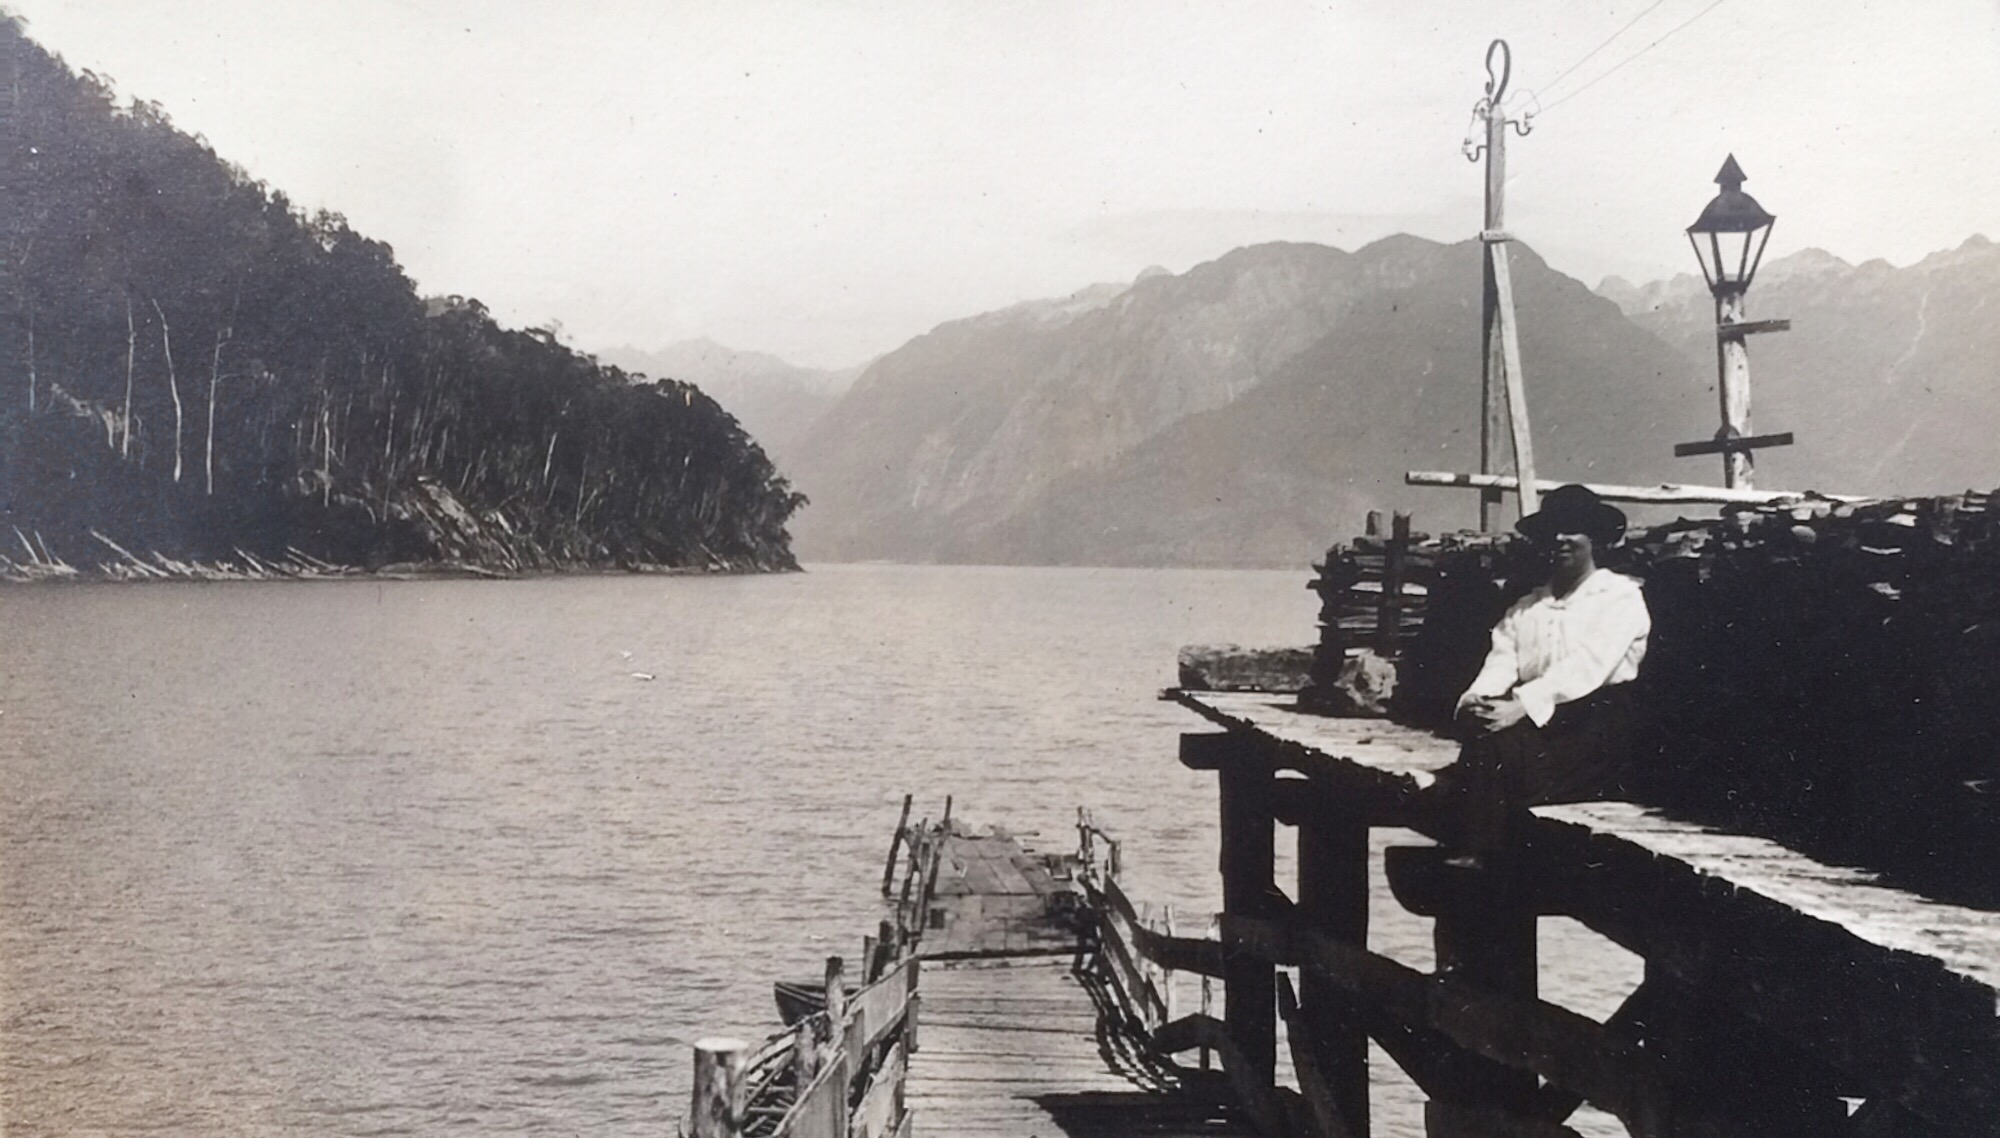 Enterreno - Fotos históricas de chile - fotos antiguas de Chile - Muelle de Peulla en 1920